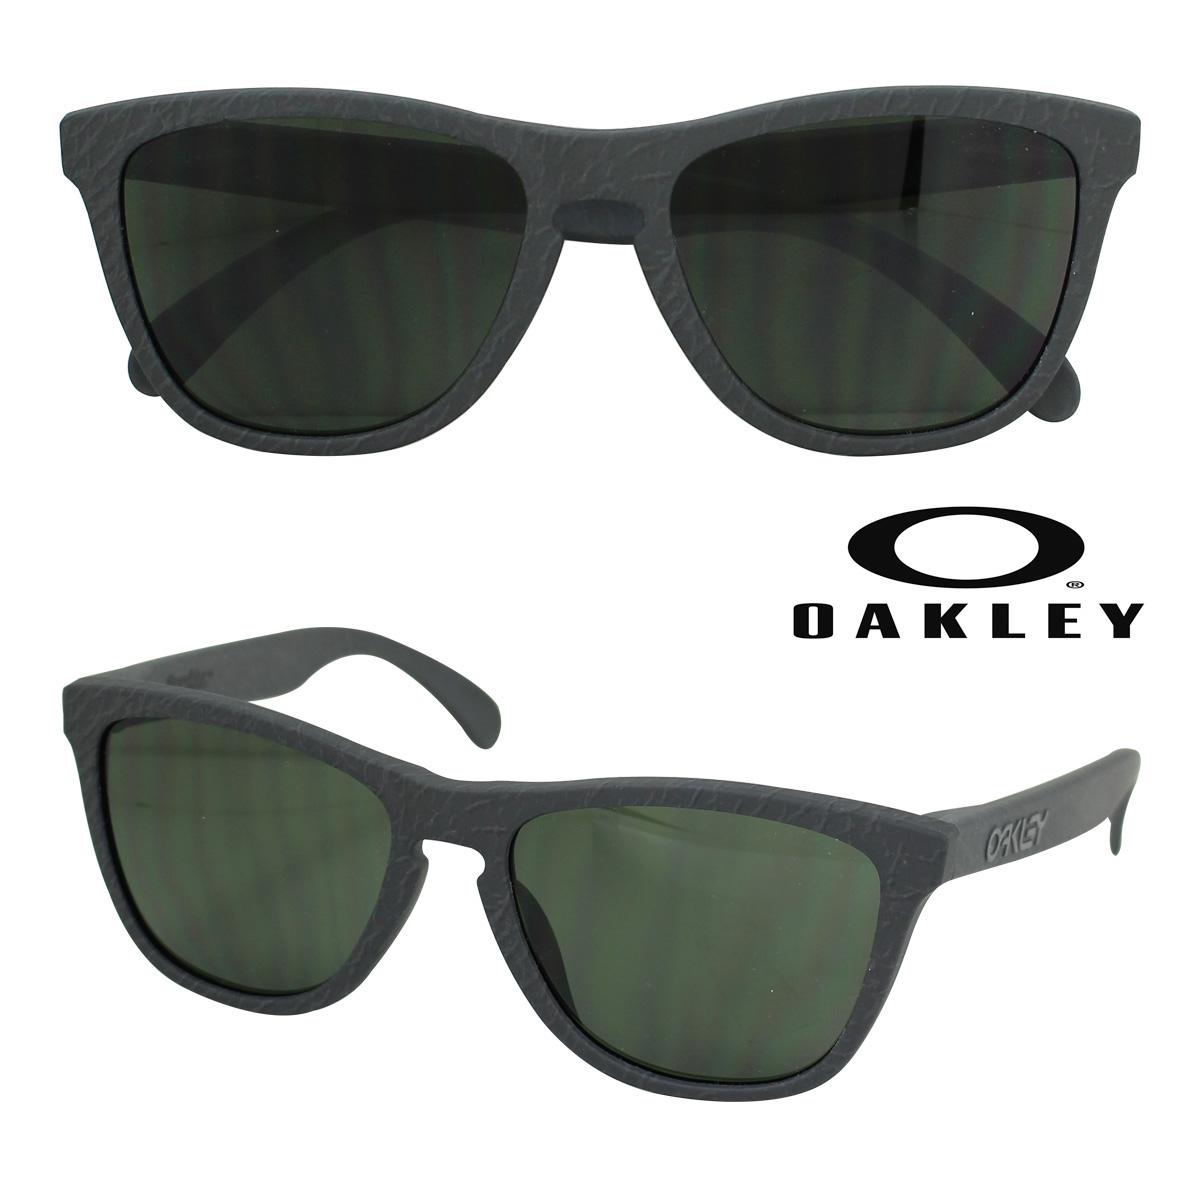 オークリー Oakley サングラス Frogskins Asian Fit フロッグスキン アジアンフィット OO9245-28 ガンパウダー ダーク グレー メンズ レディース